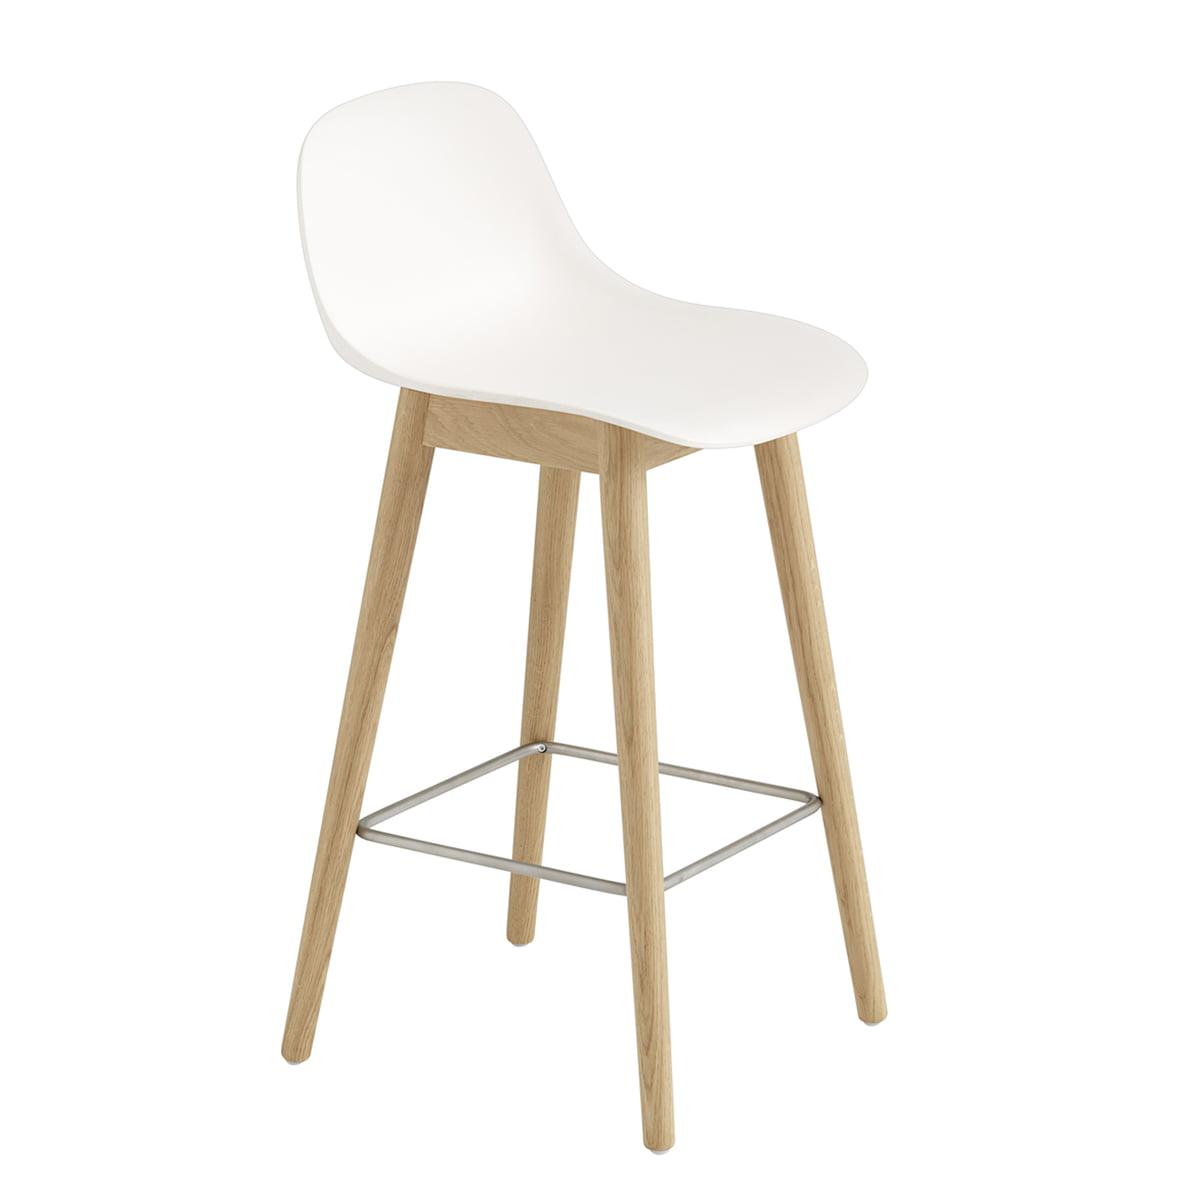 Muuto - Fiber Barhocker Wood Base mit Rückenlehne H 65 cm, Eiche / weiß   Küche und Esszimmer > Bar-Möbel > Barhocker   Muuto